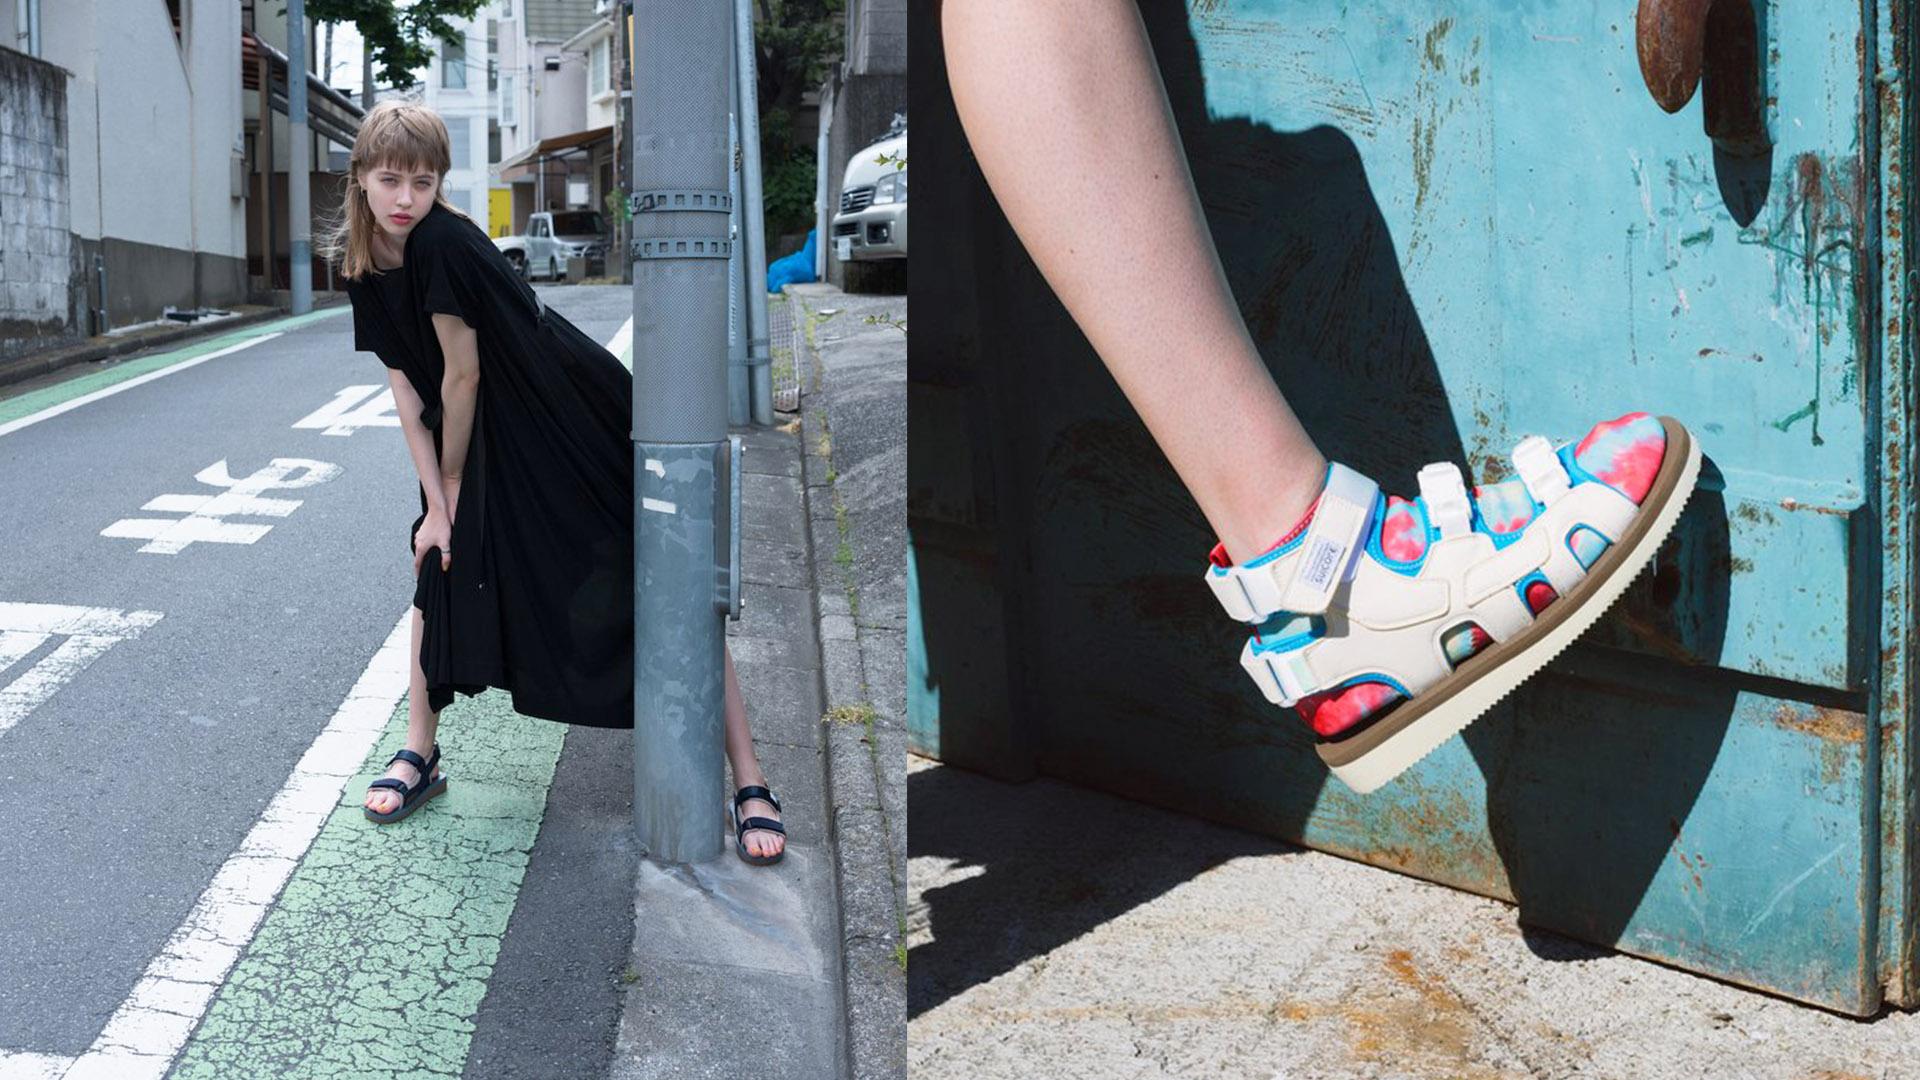 Sandali Suicoke: la tradizione e il design giapponese diventano cool